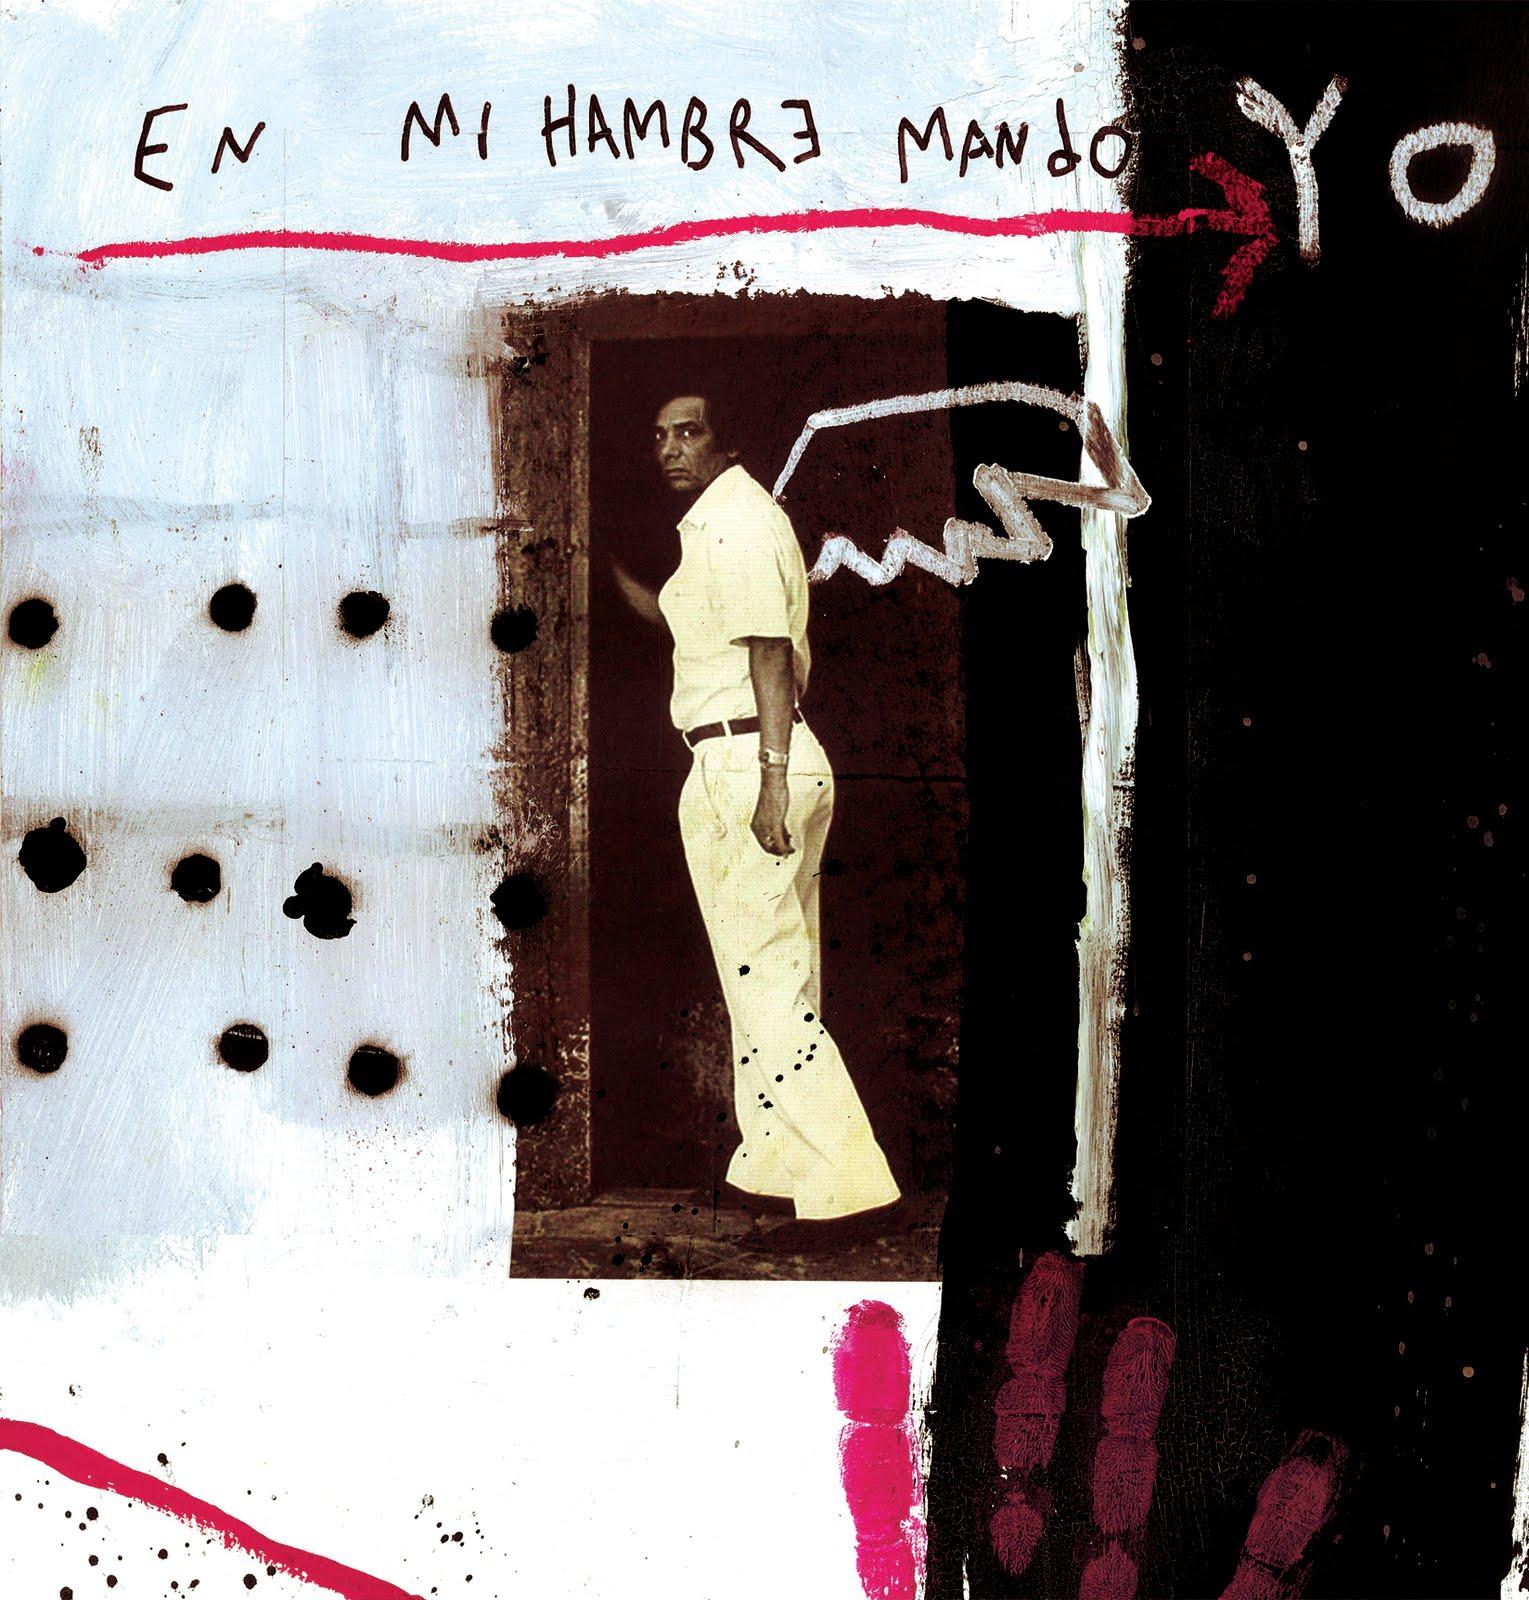 Museo de la mujer en el flamenco de arahal junio 2011 for En mi hambre mando yo